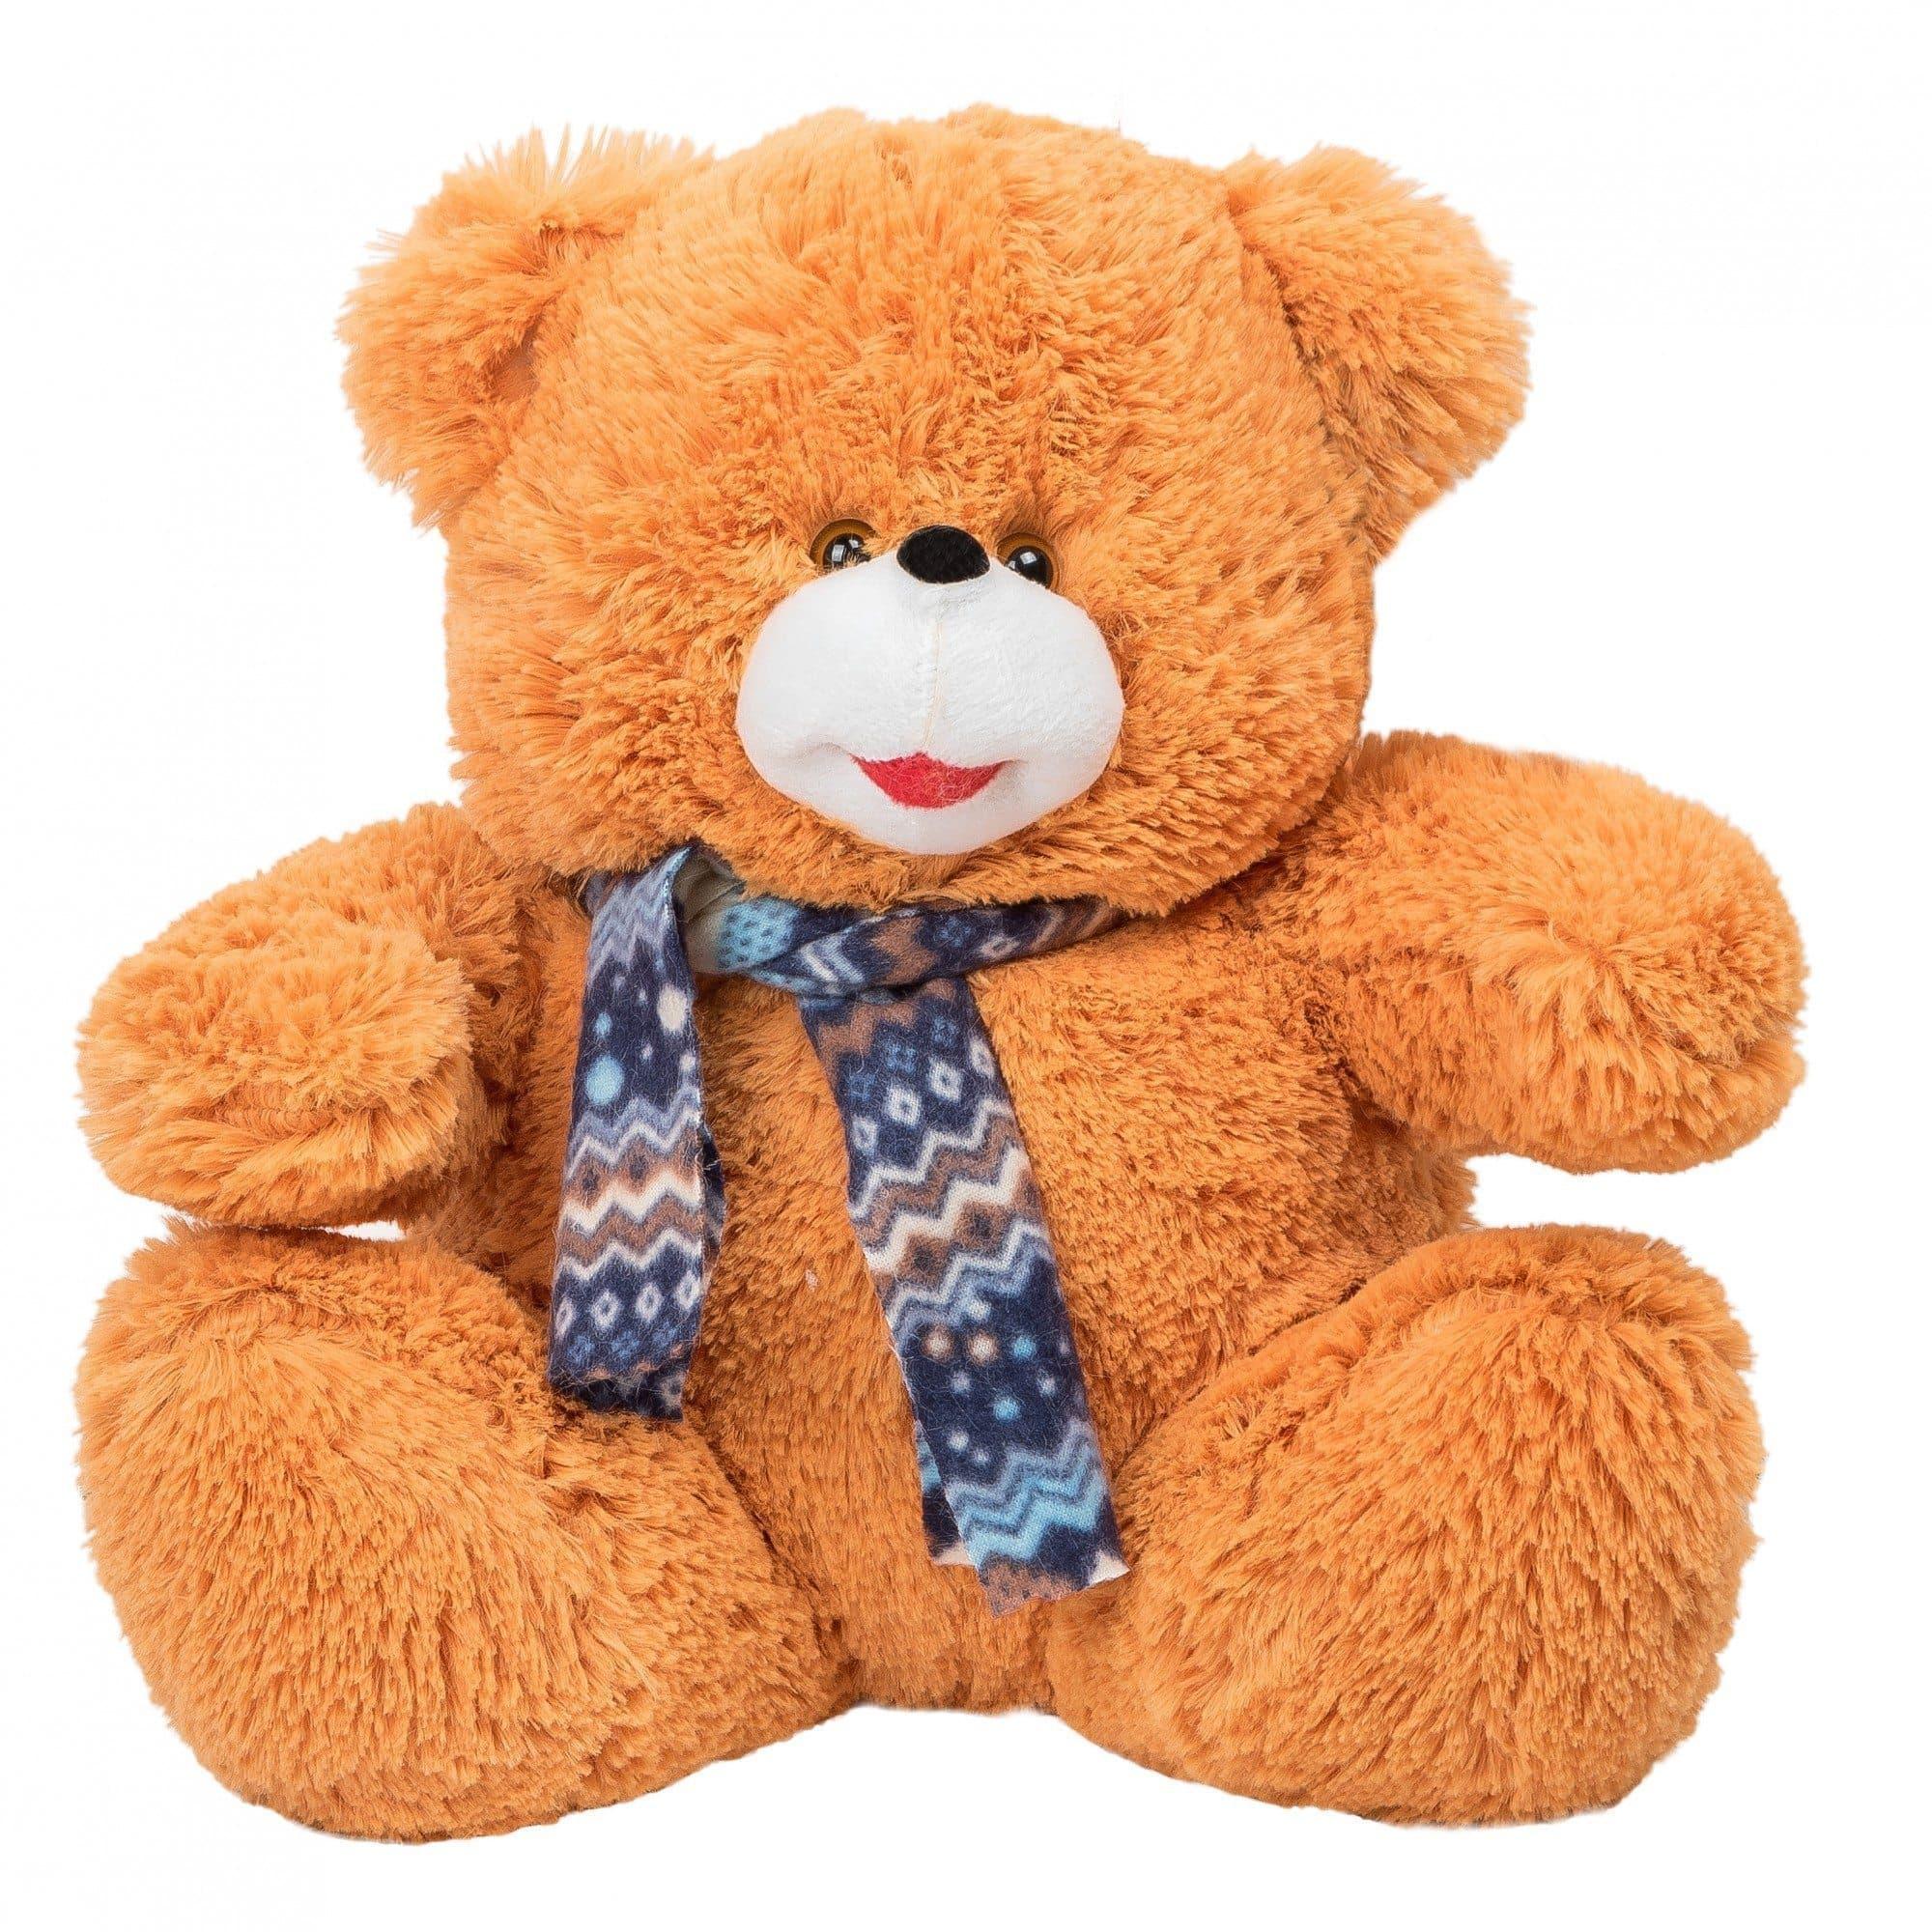 Маленький мишка 35 смИгрушки<br>Полуметровый плюшевый медведь с шарфиком. Выполнен из материала оранжевого цвета с длинным ворсом. Мишка очень мягкий, и его так приятно обнимать - получатель подарка точно будет в восторге!<br><br>- Мишка изготовлен из высококачественного искусственного меха...<br>